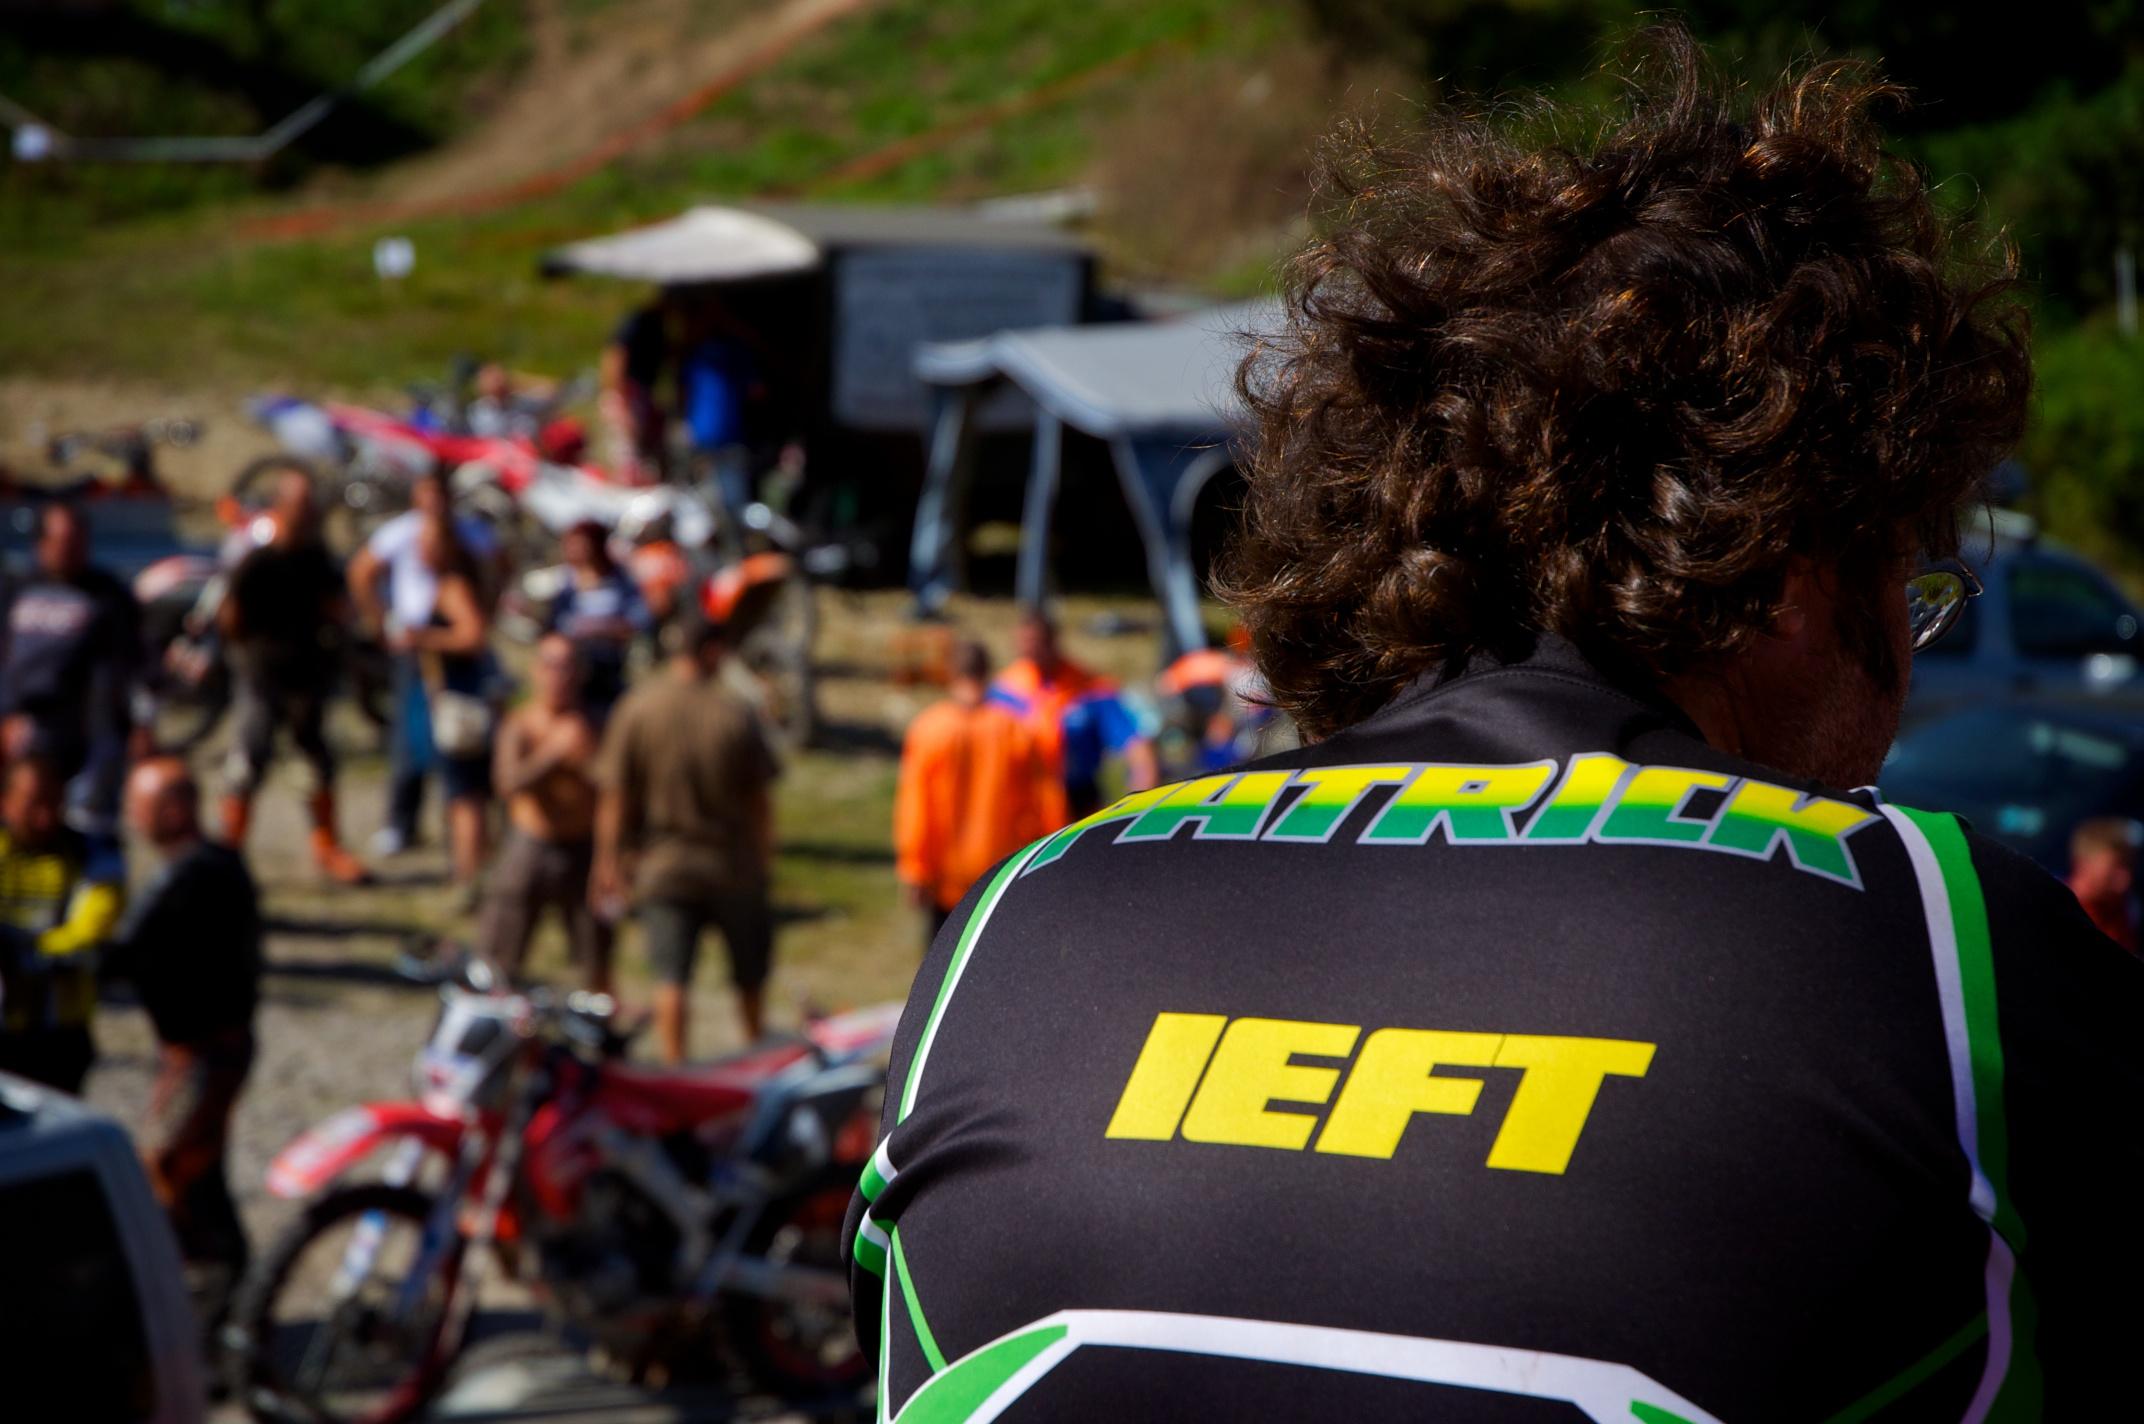 IEFT 2010 - Patrick Boissy